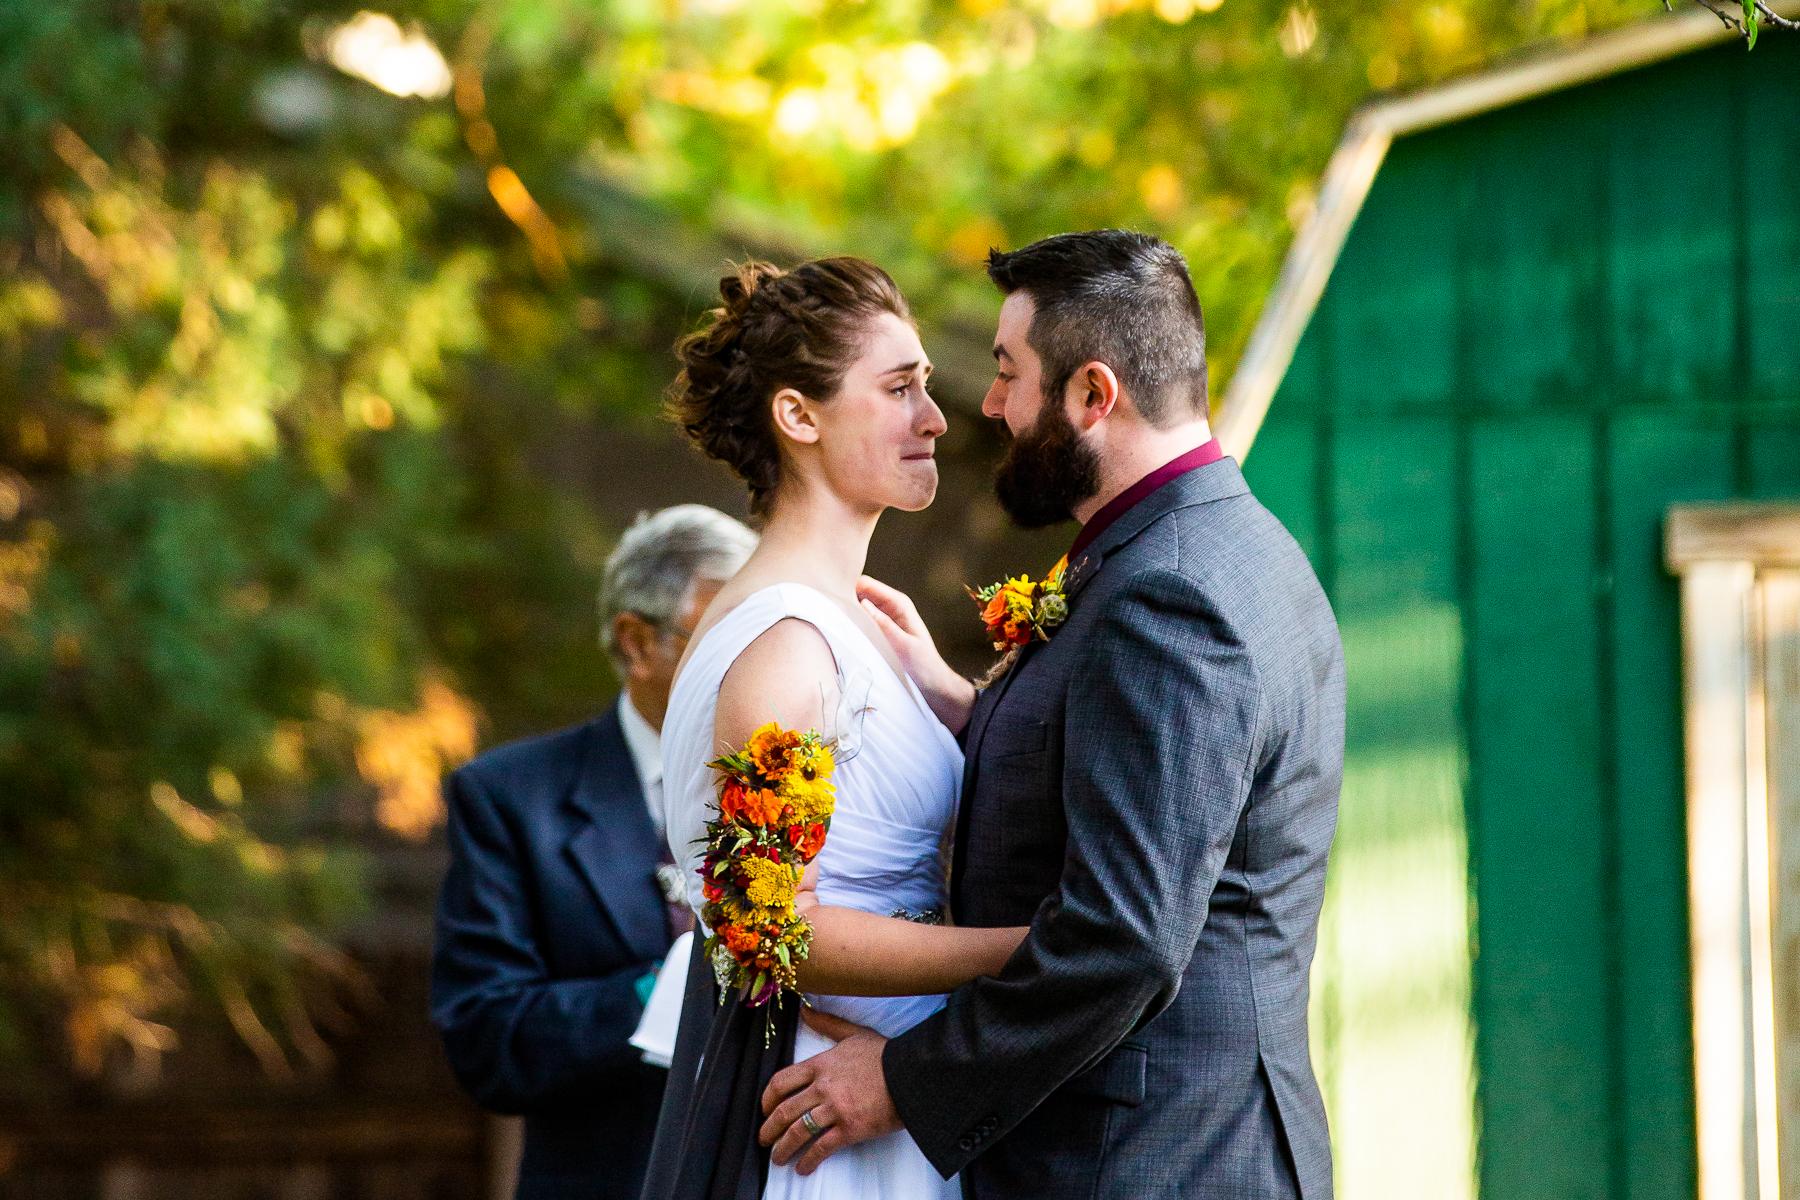 Outdoor-Hochzeitsfotografen in Colorado | Der Moment direkt nach dem ersten Kuss